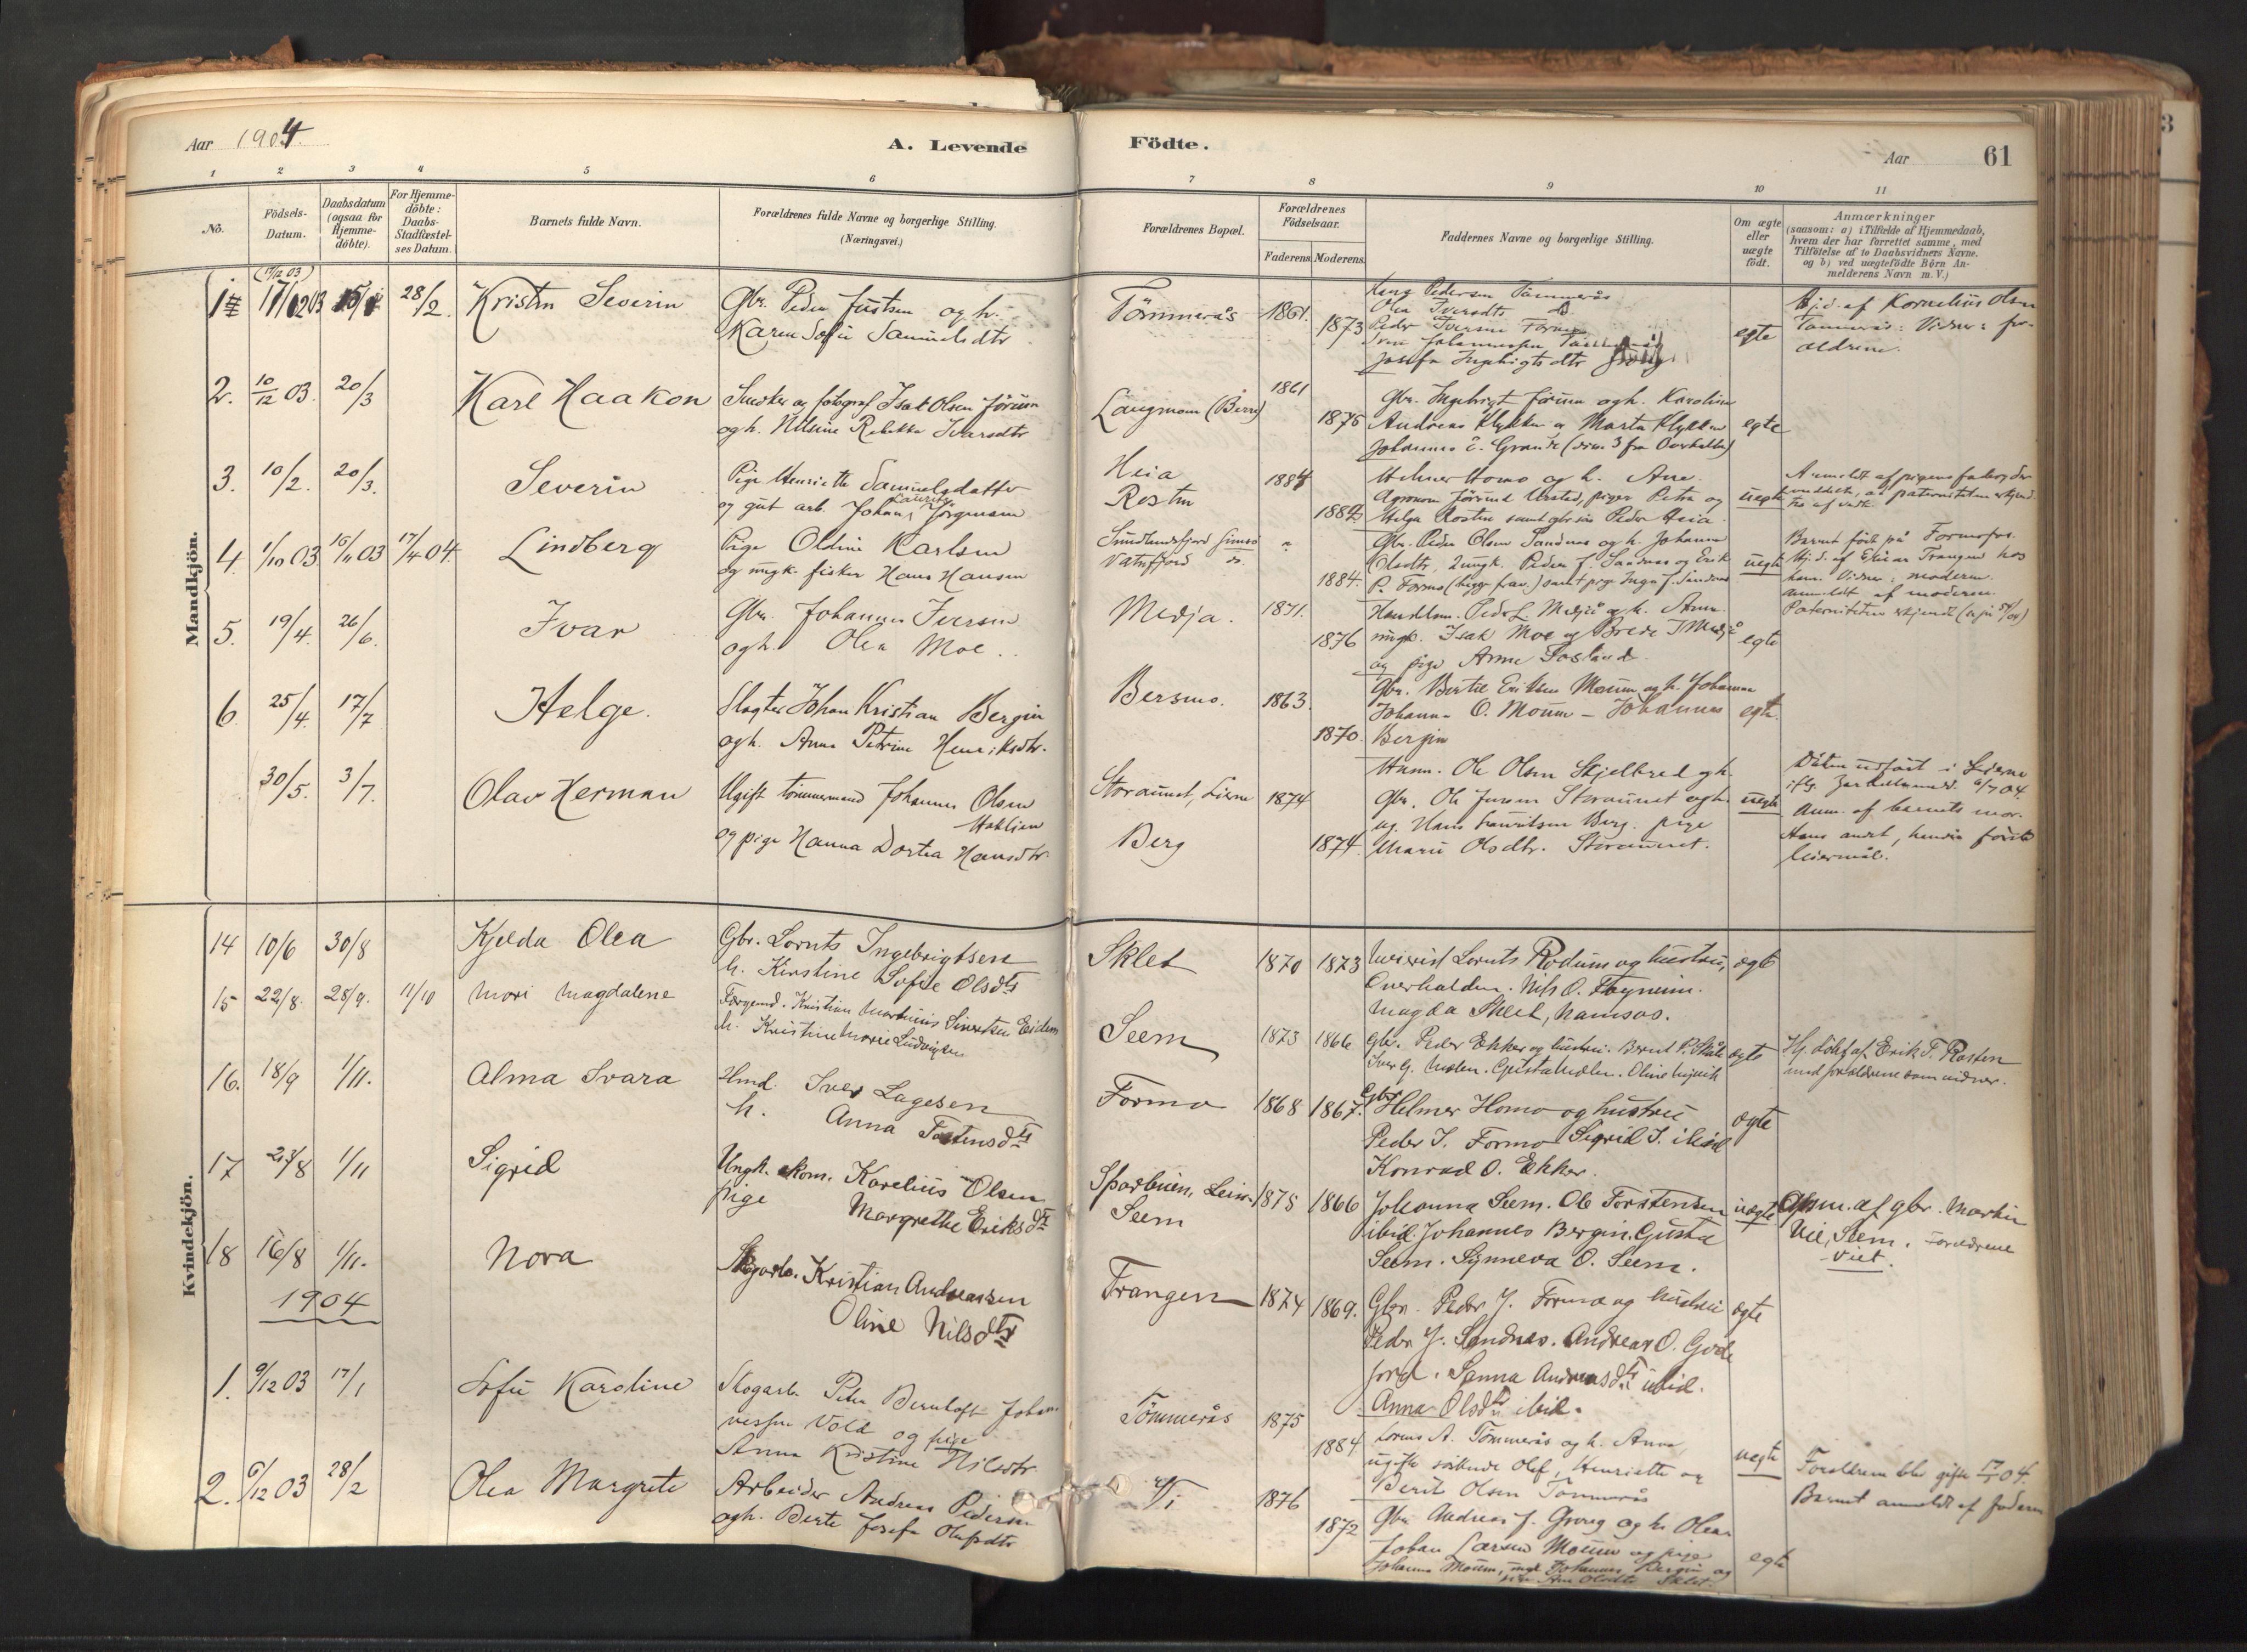 SAT, Ministerialprotokoller, klokkerbøker og fødselsregistre - Nord-Trøndelag, 758/L0519: Ministerialbok nr. 758A04, 1880-1926, s. 61